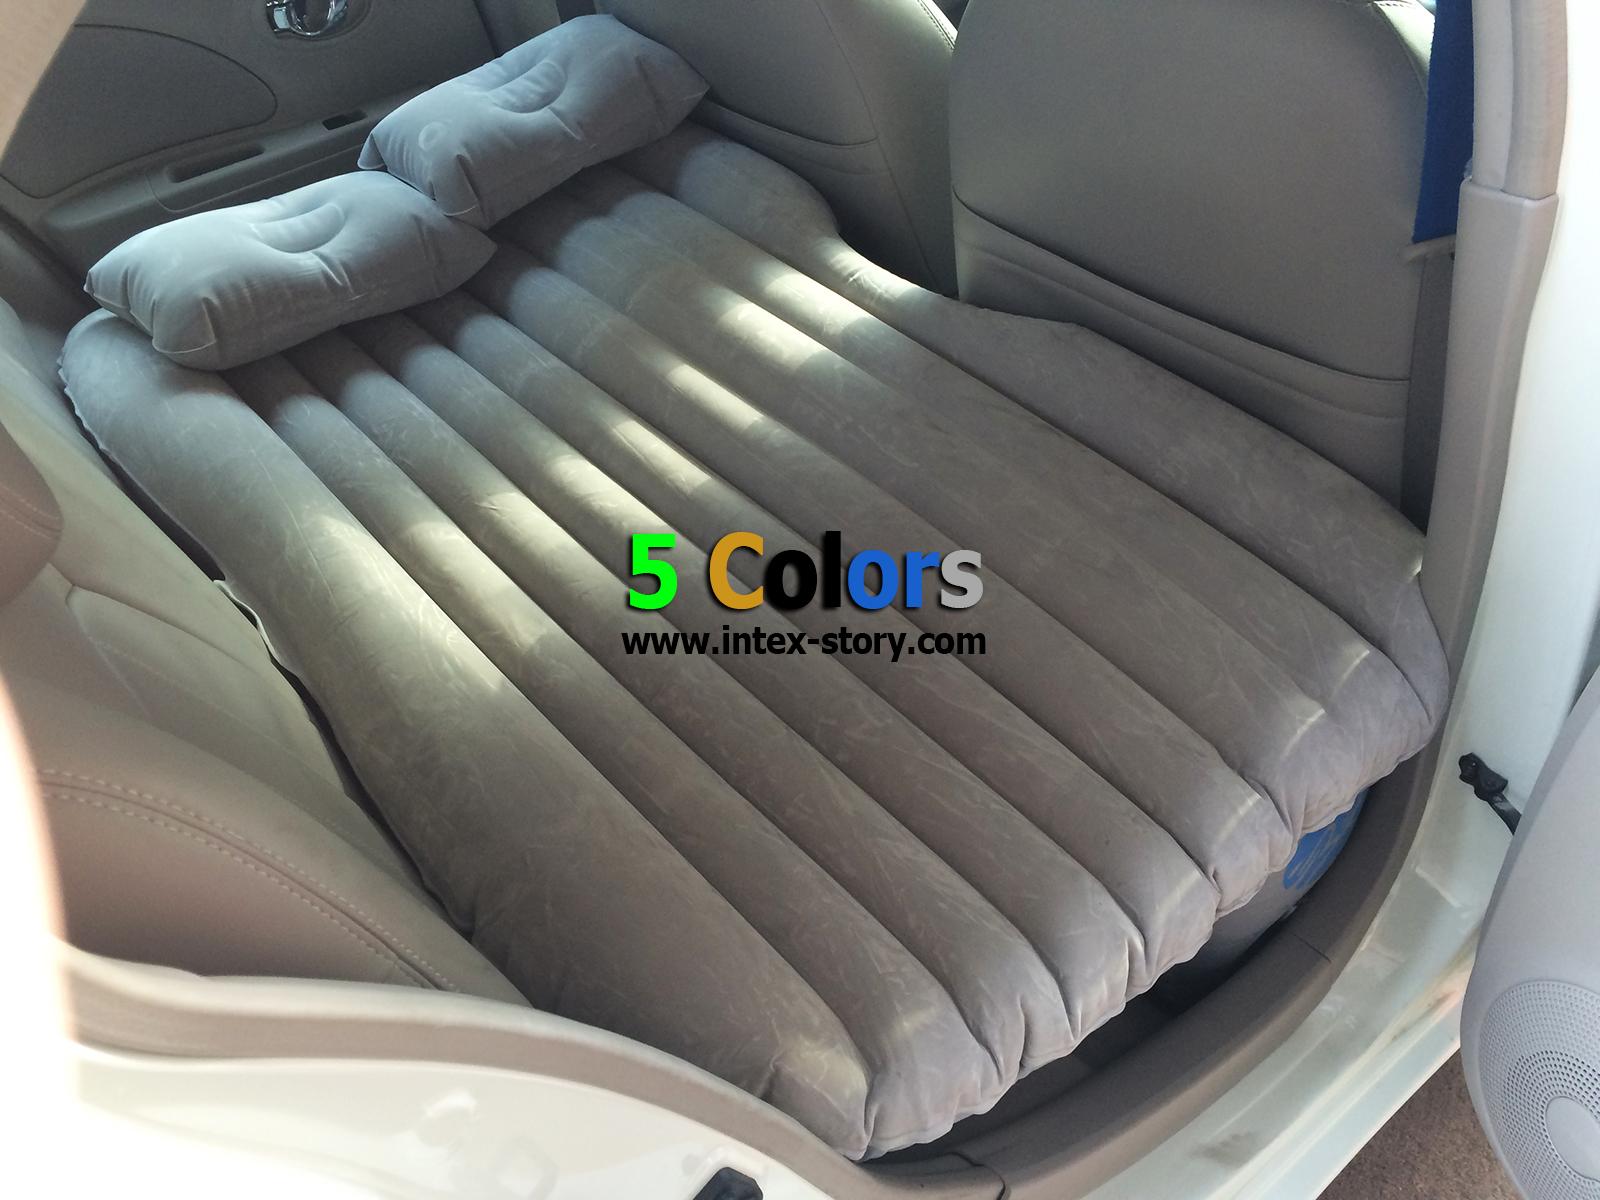 ที่นอนในรถ เบาะนอนในรถ (สีเทา)